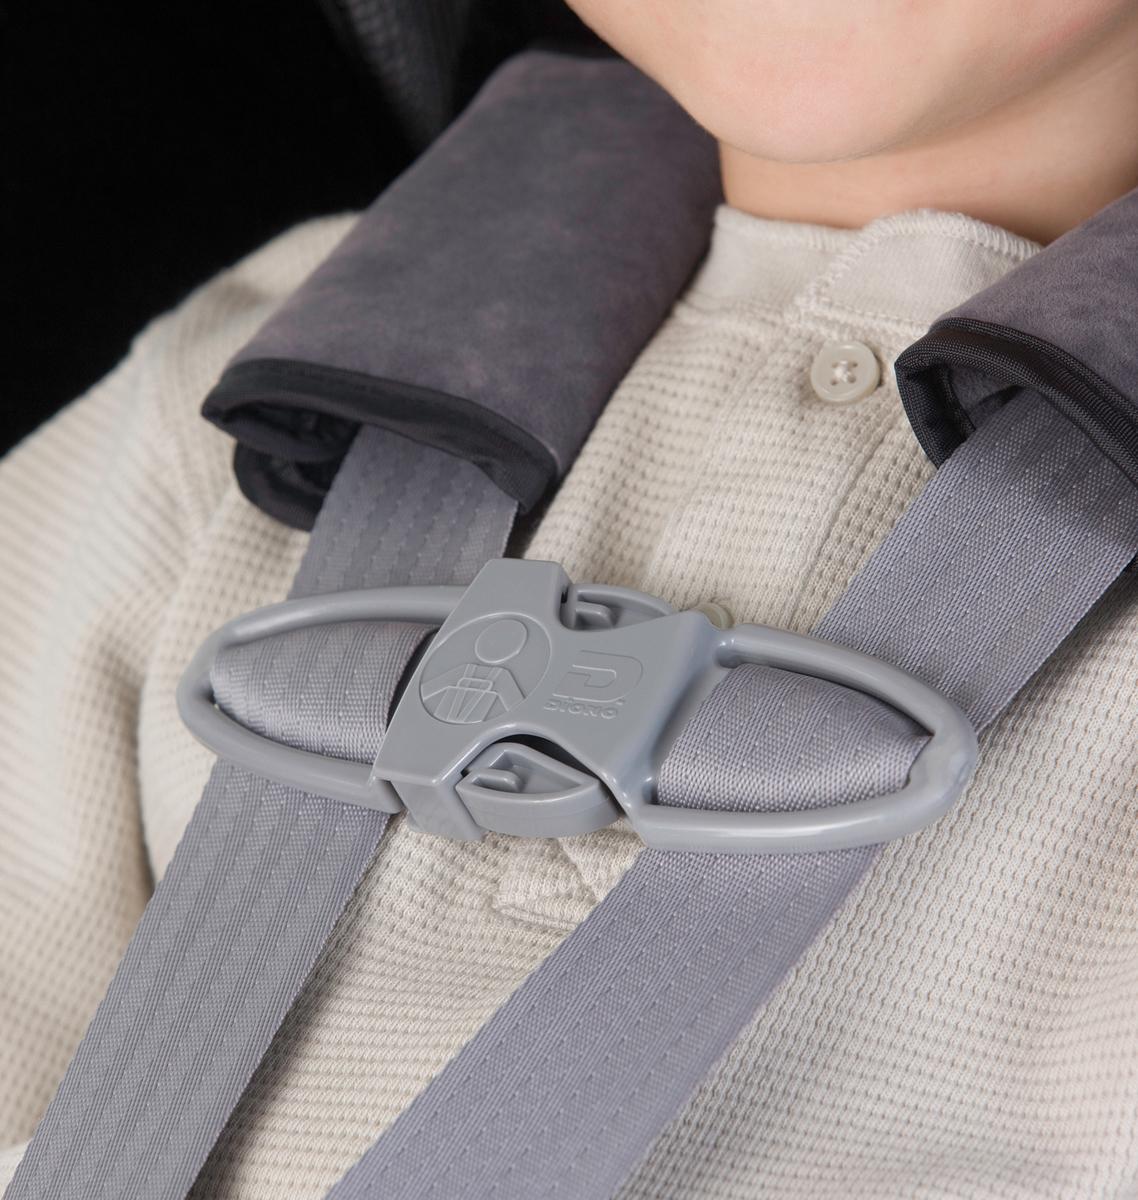 嬰幼兒汽車安全椅安全帶防脫器